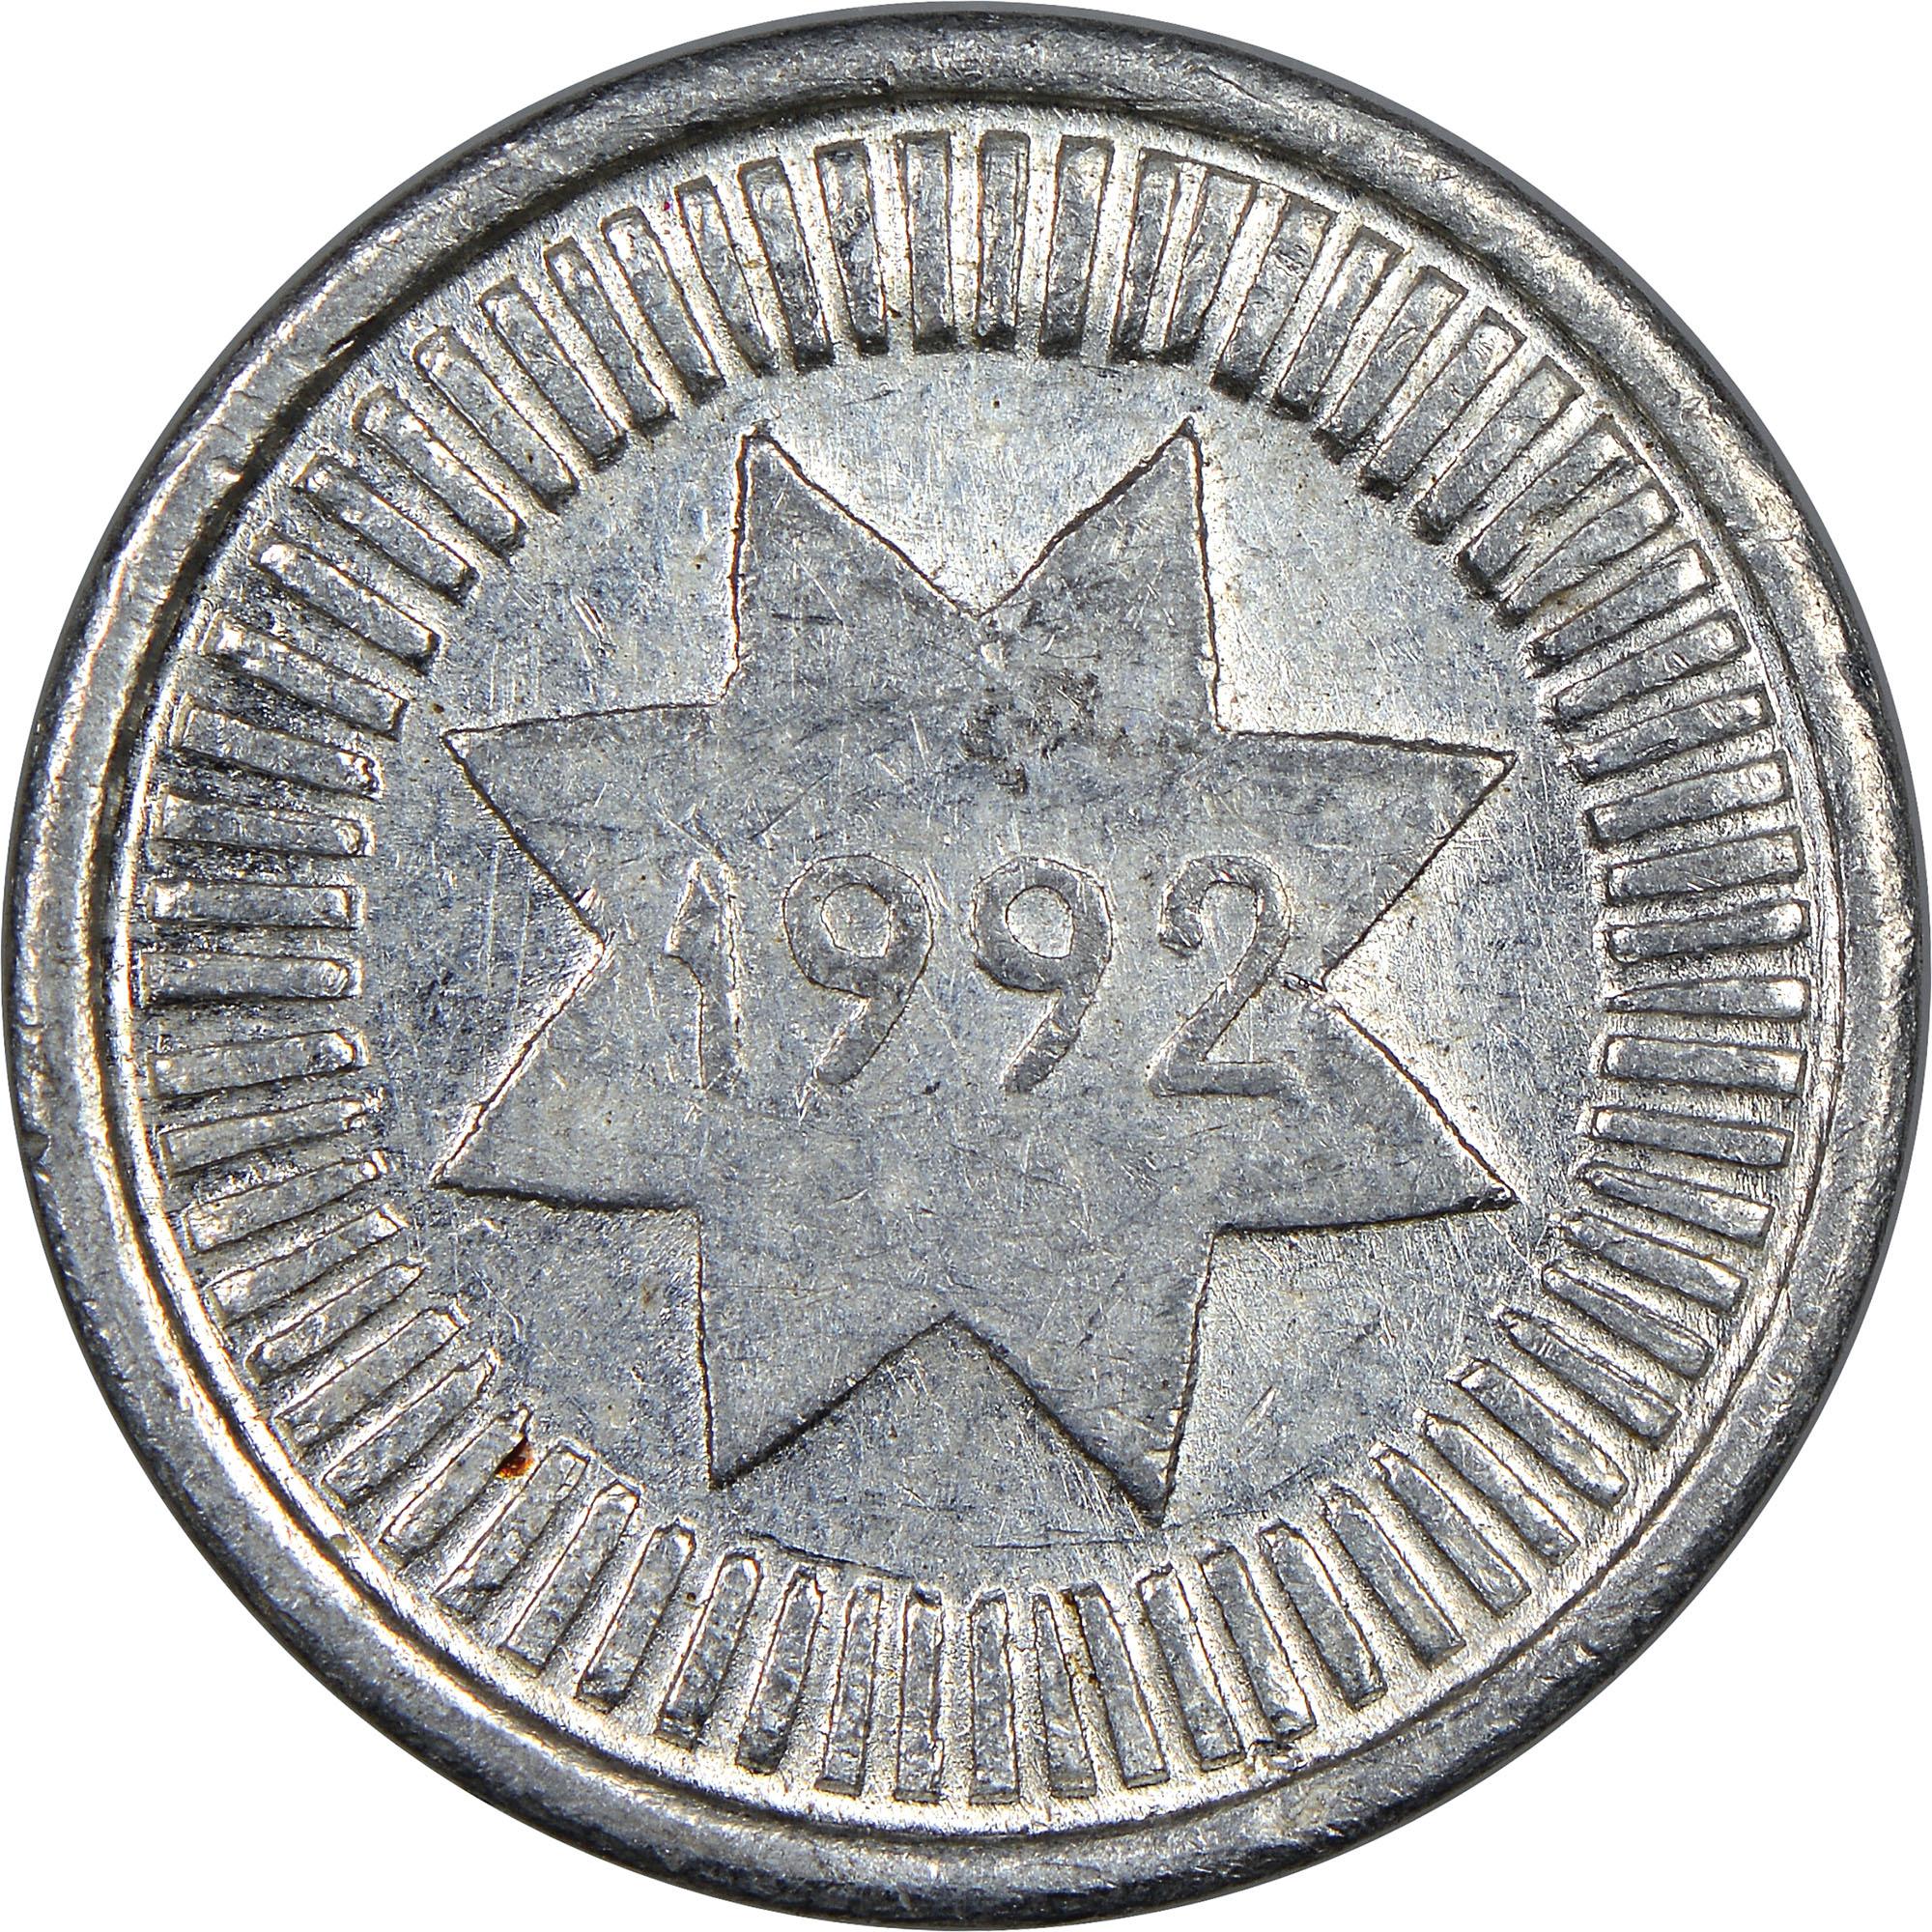 Azerbaijan 10 Qapik reverse